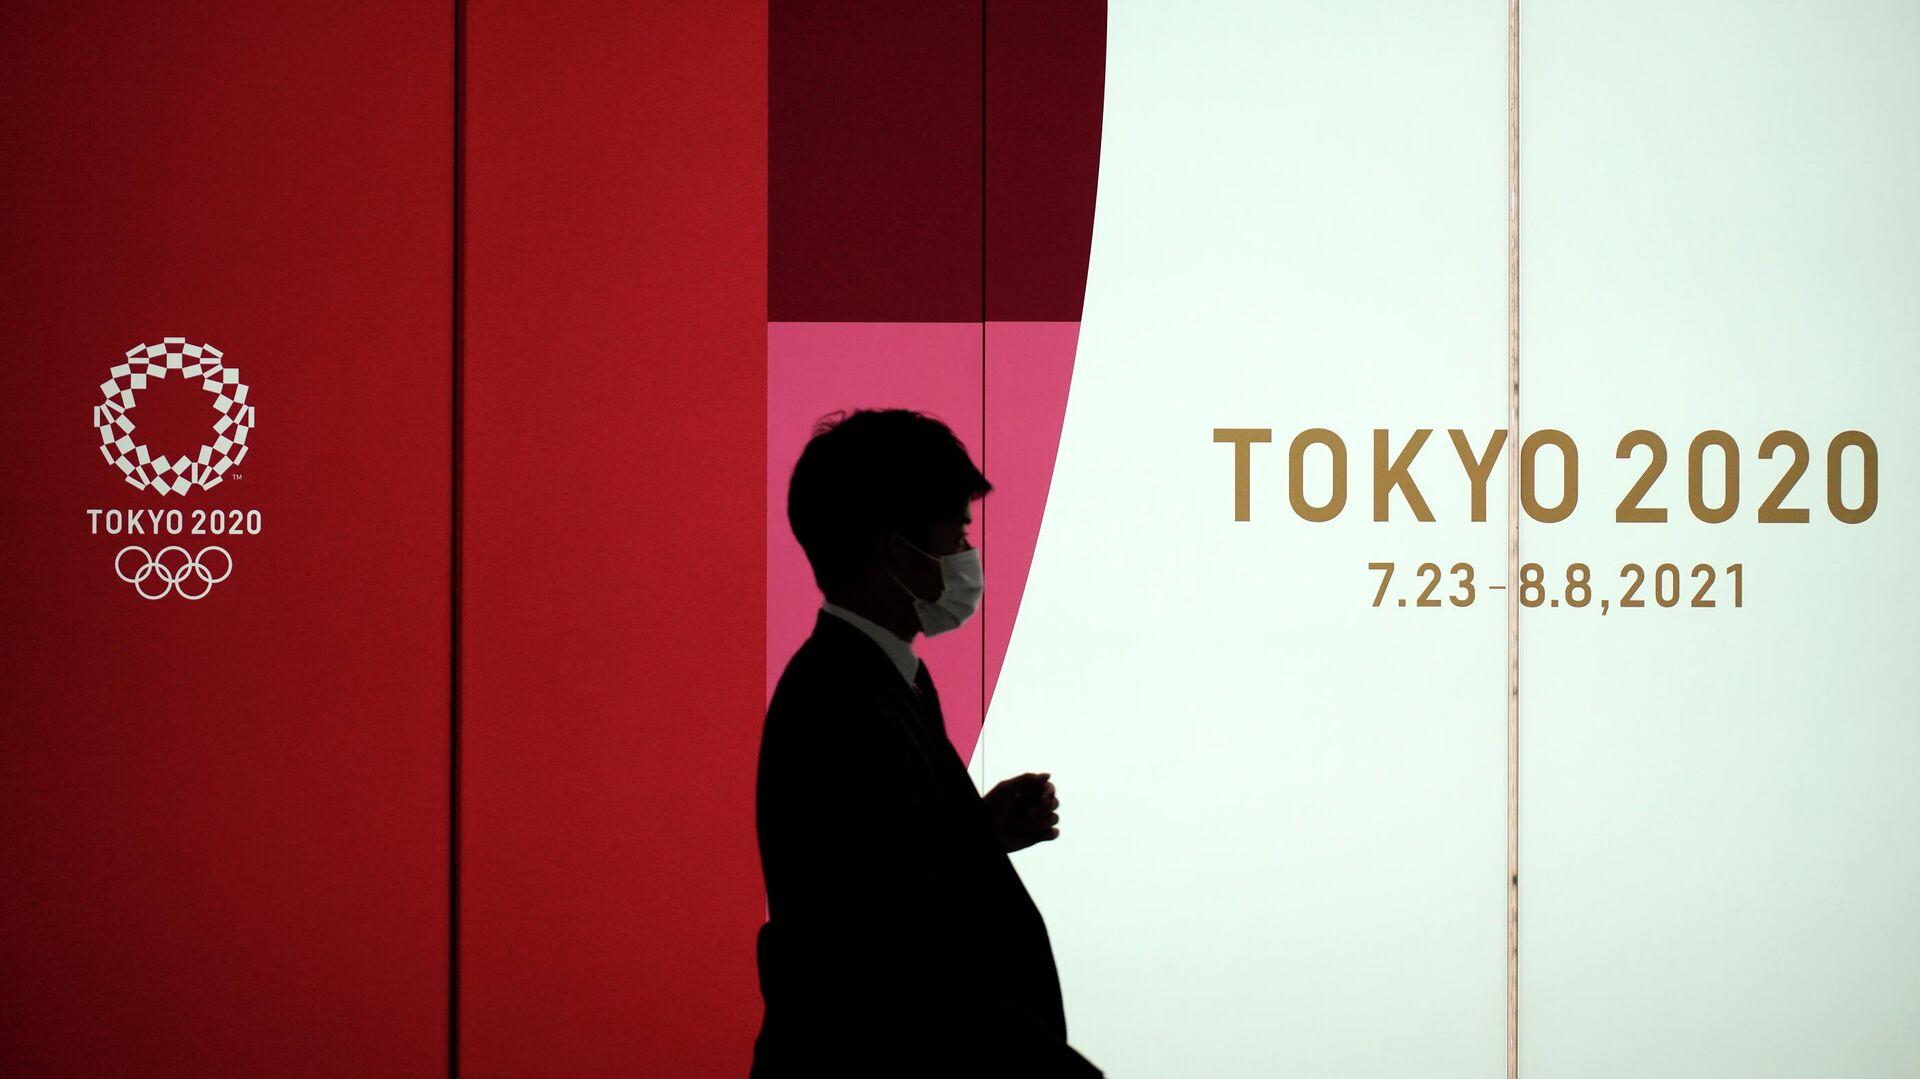 Un hombre camina junto a una pared de los Juegos Olímpicos de Tokio 2020 - Sputnik Mundo, 1920, 14.05.2021